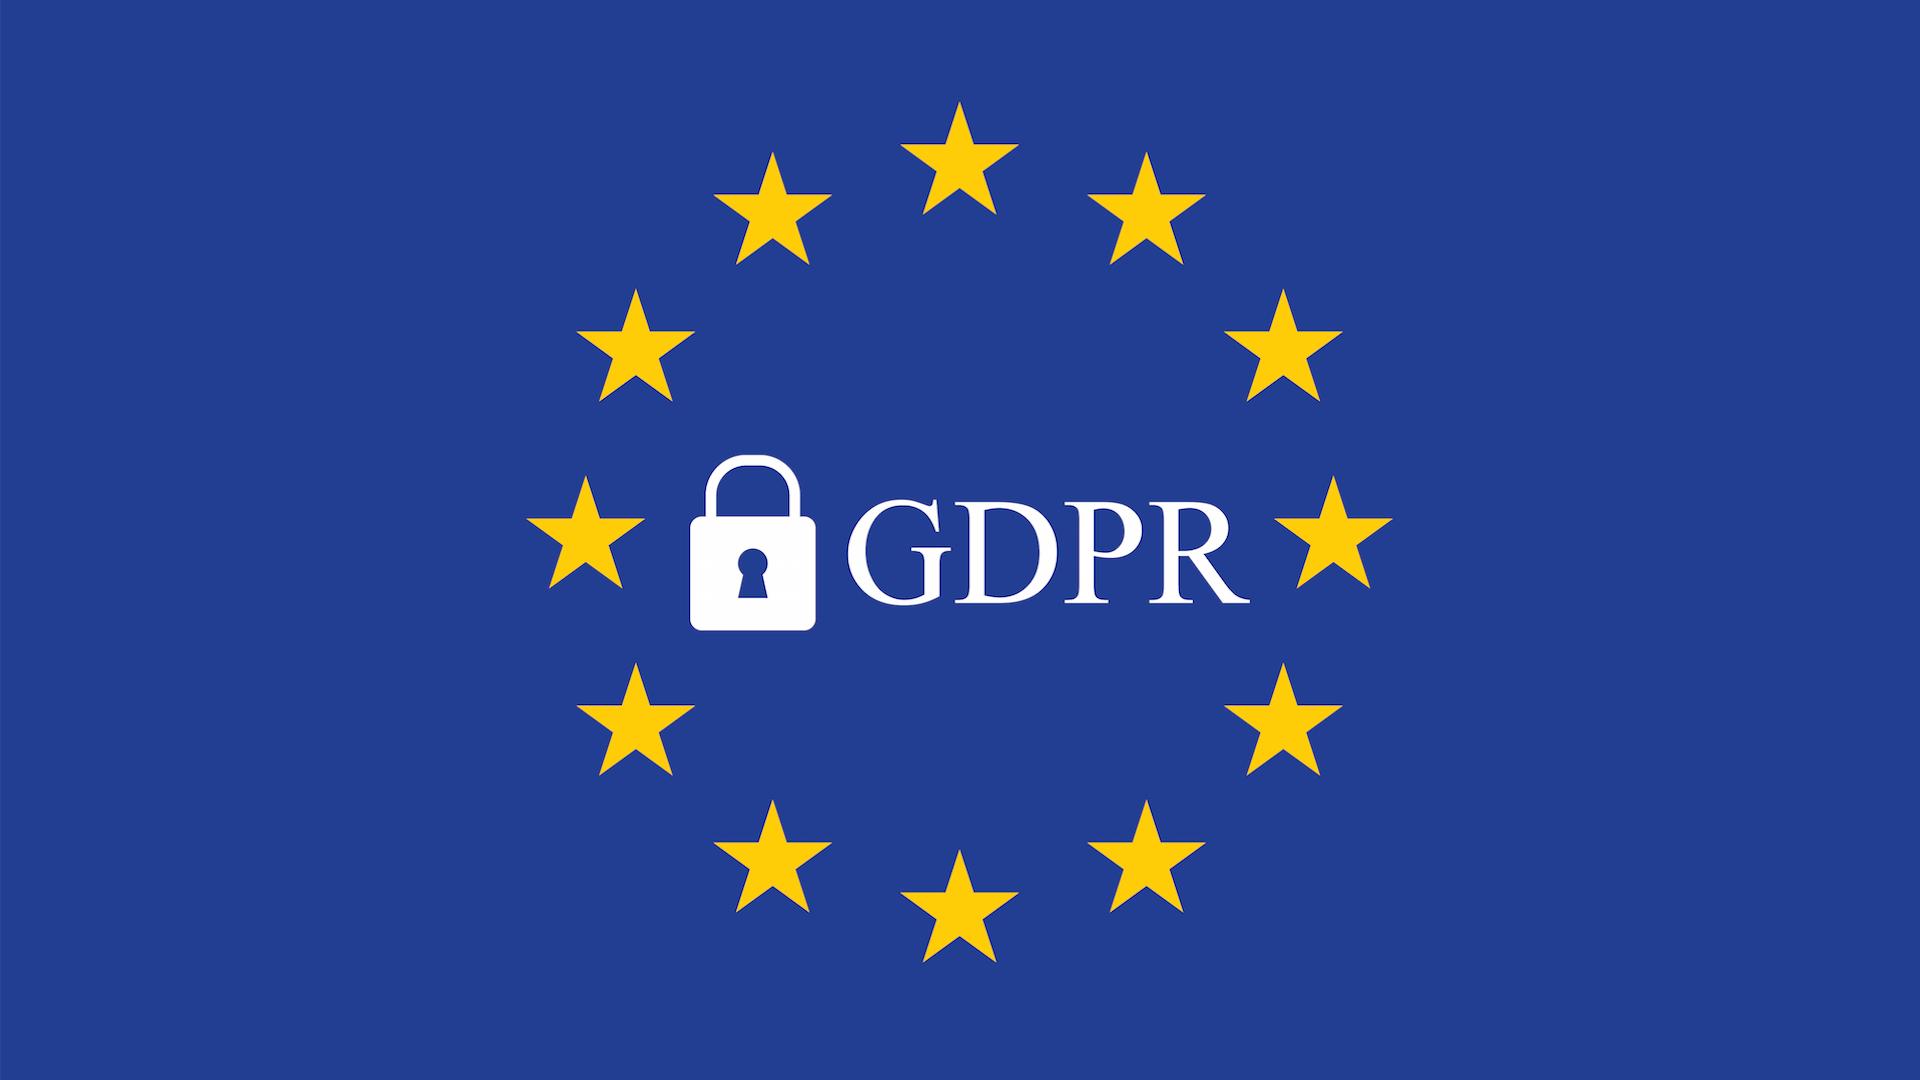 κανονισμό Προστασίας Δεδομένων